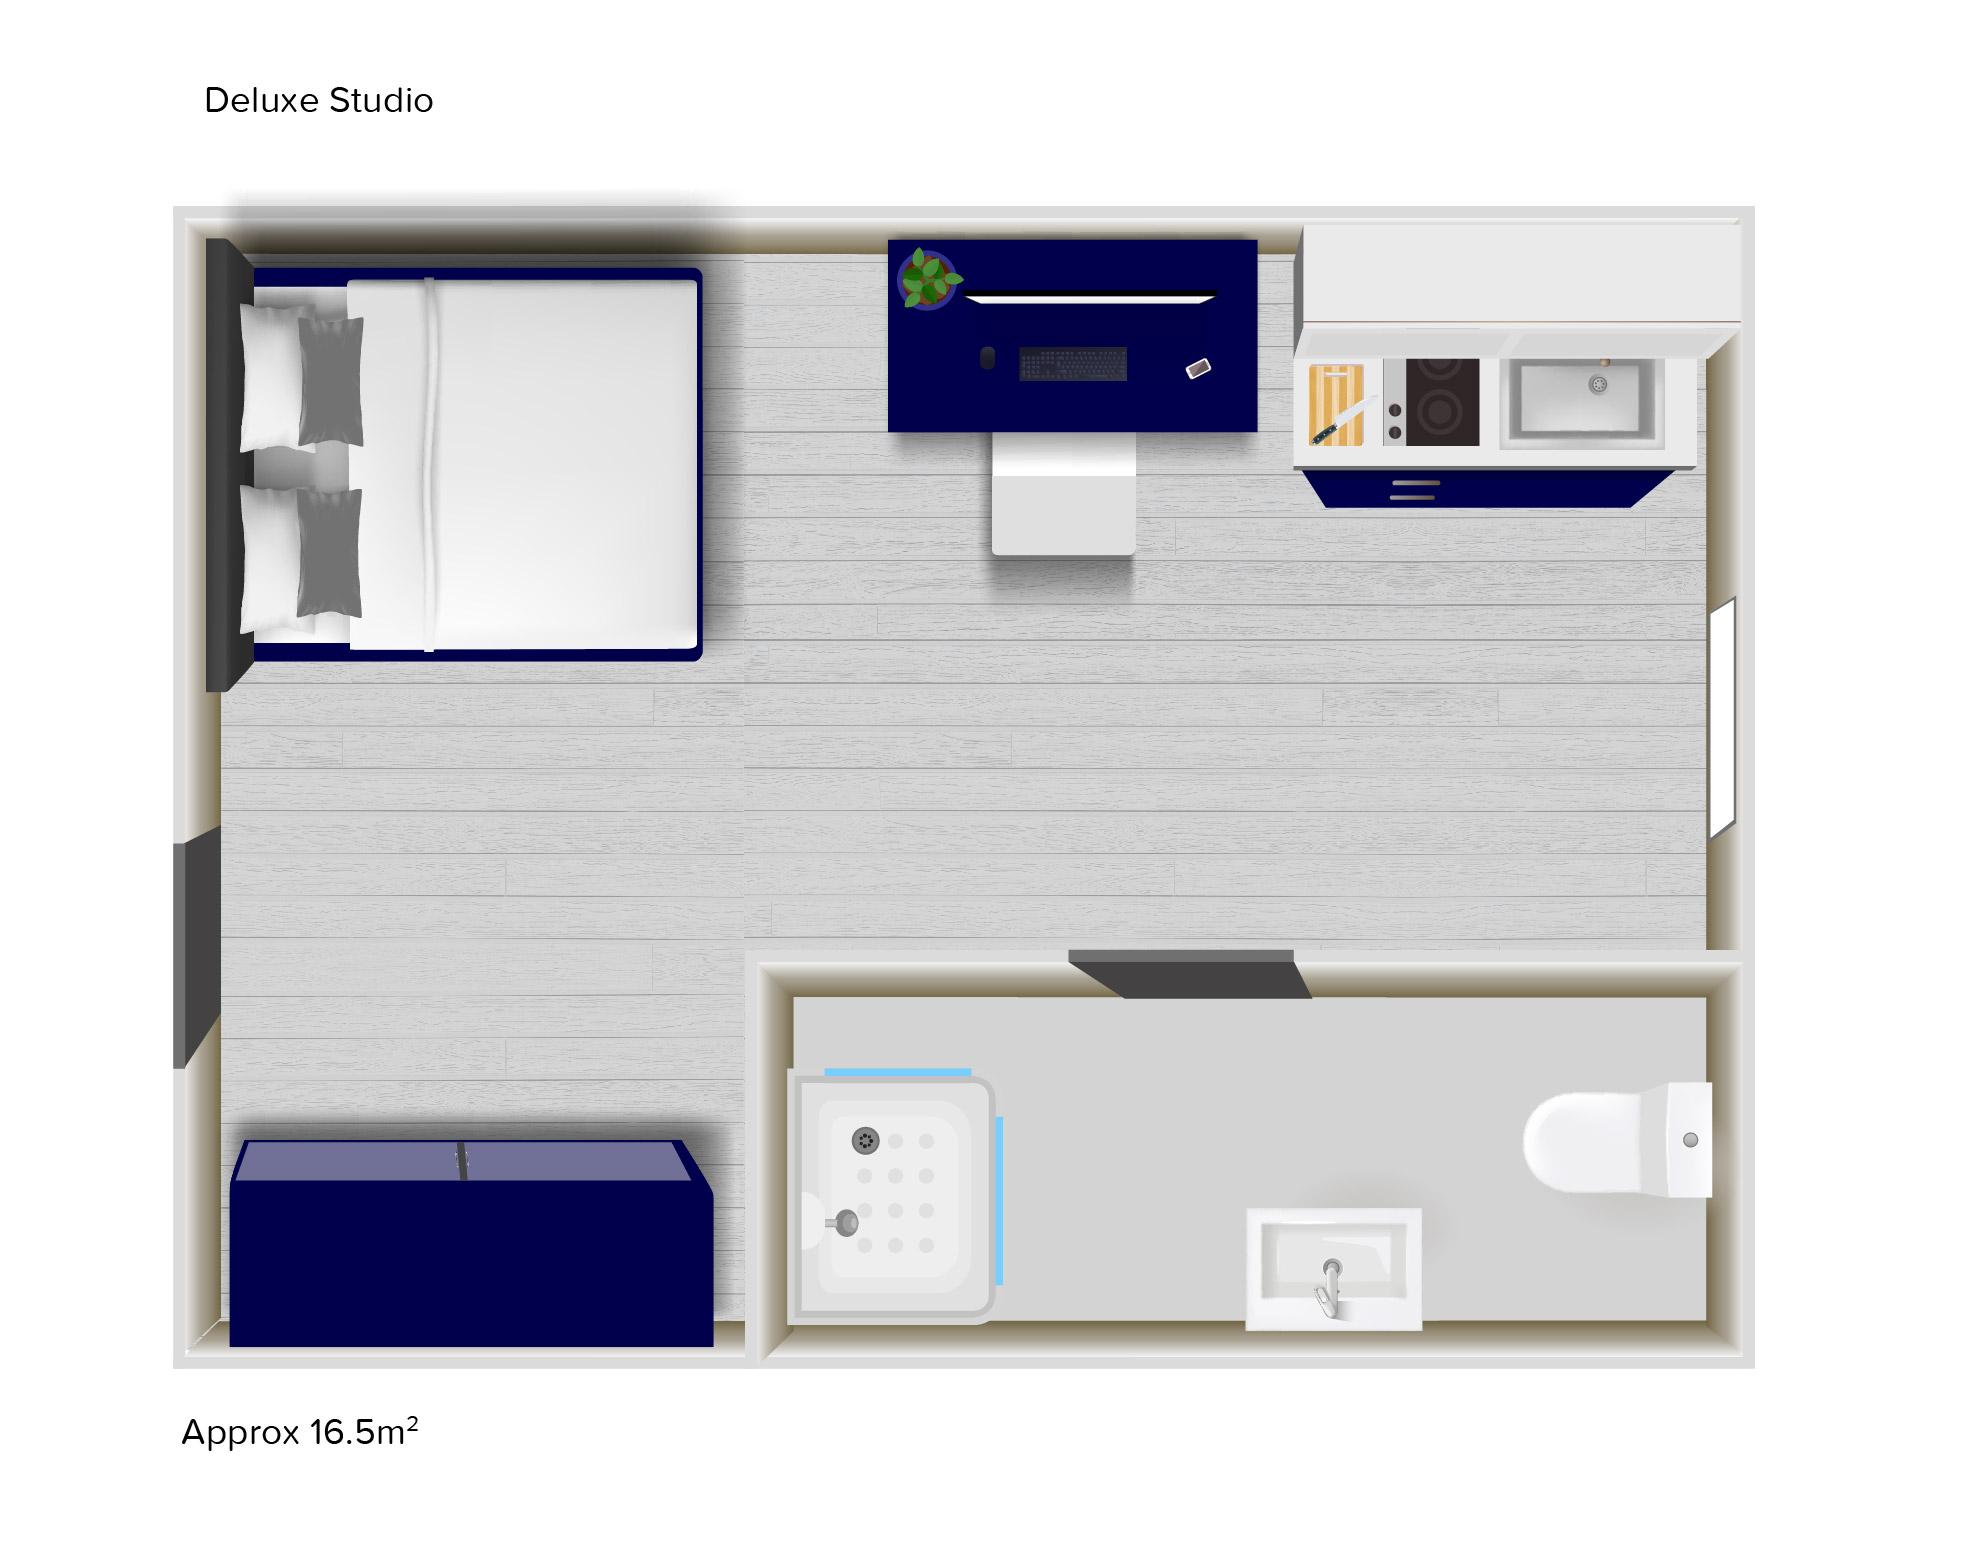 Deluxe Studio floorplans